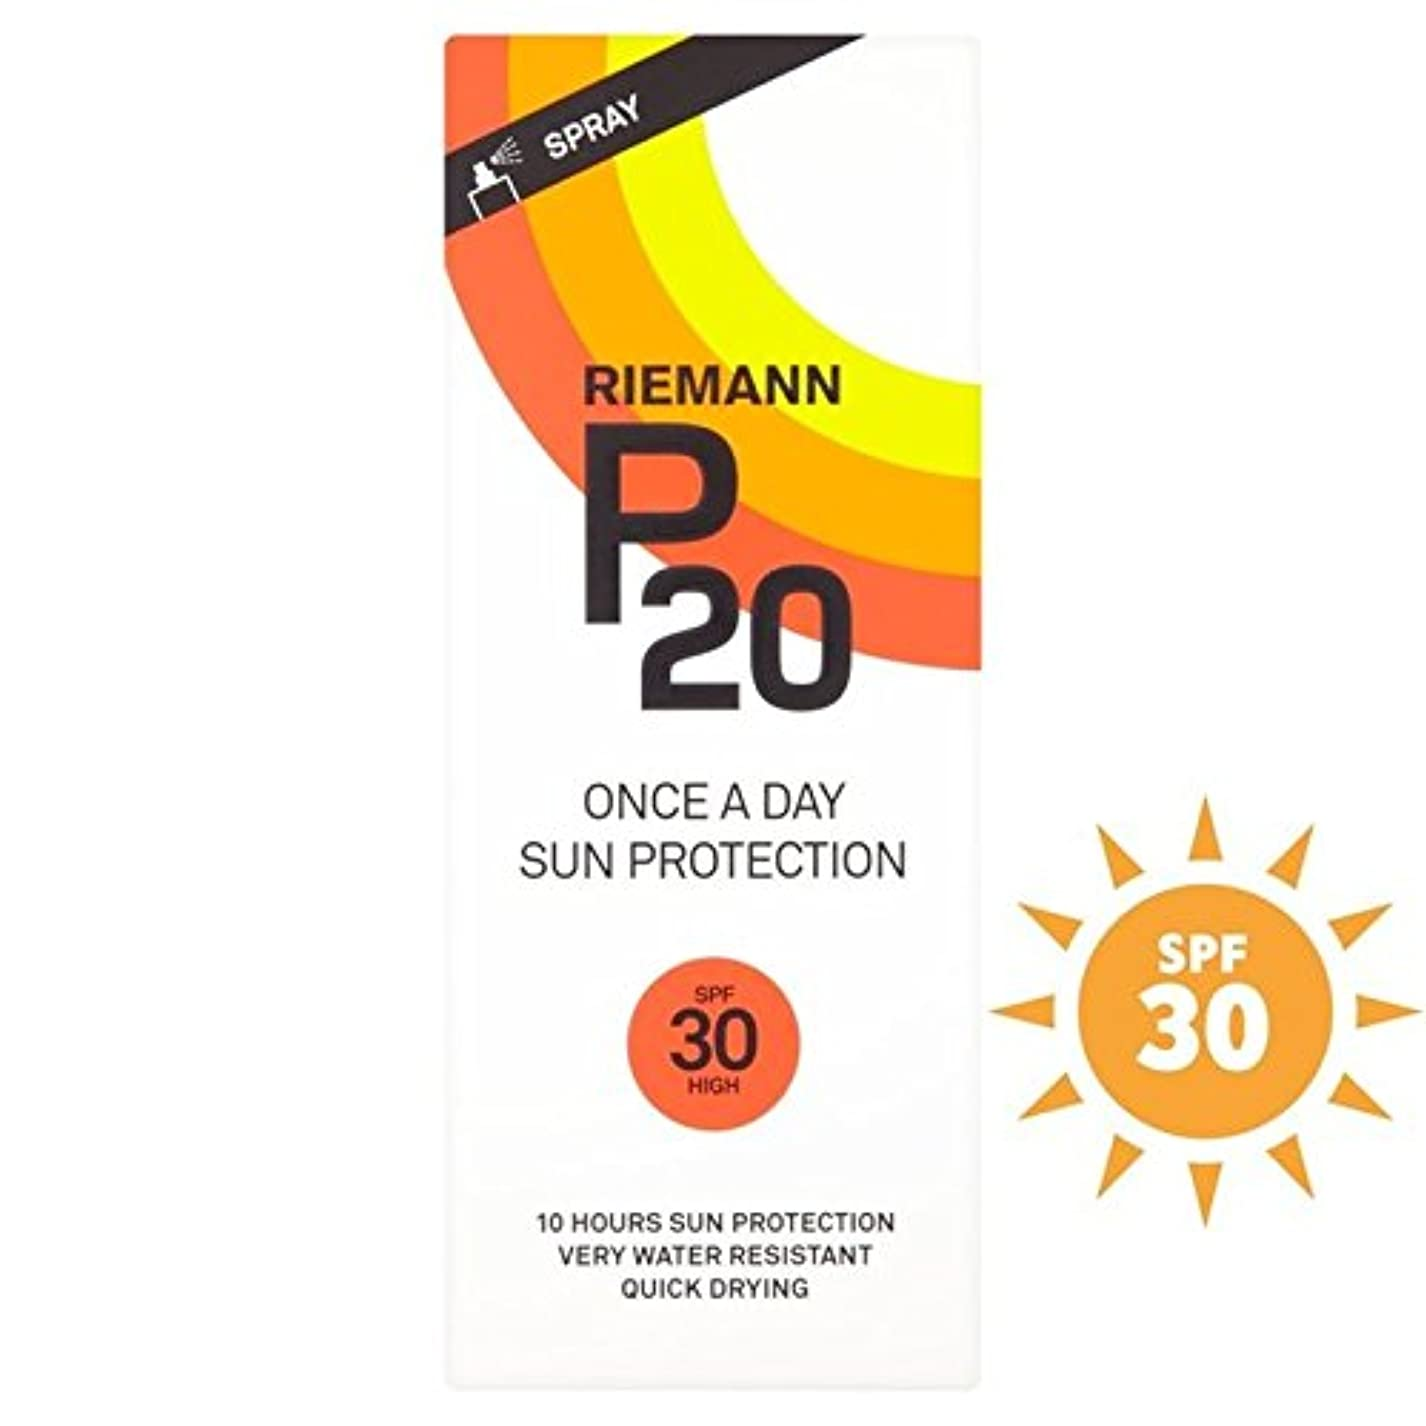 クローン陰気プロフィールRiemann P20 SPF30 1 Day/10 Hour Protection 200ml (Pack of 6) - リーマン20 30 1日/ 10時間の保護200ミリリットル x6 [並行輸入品]